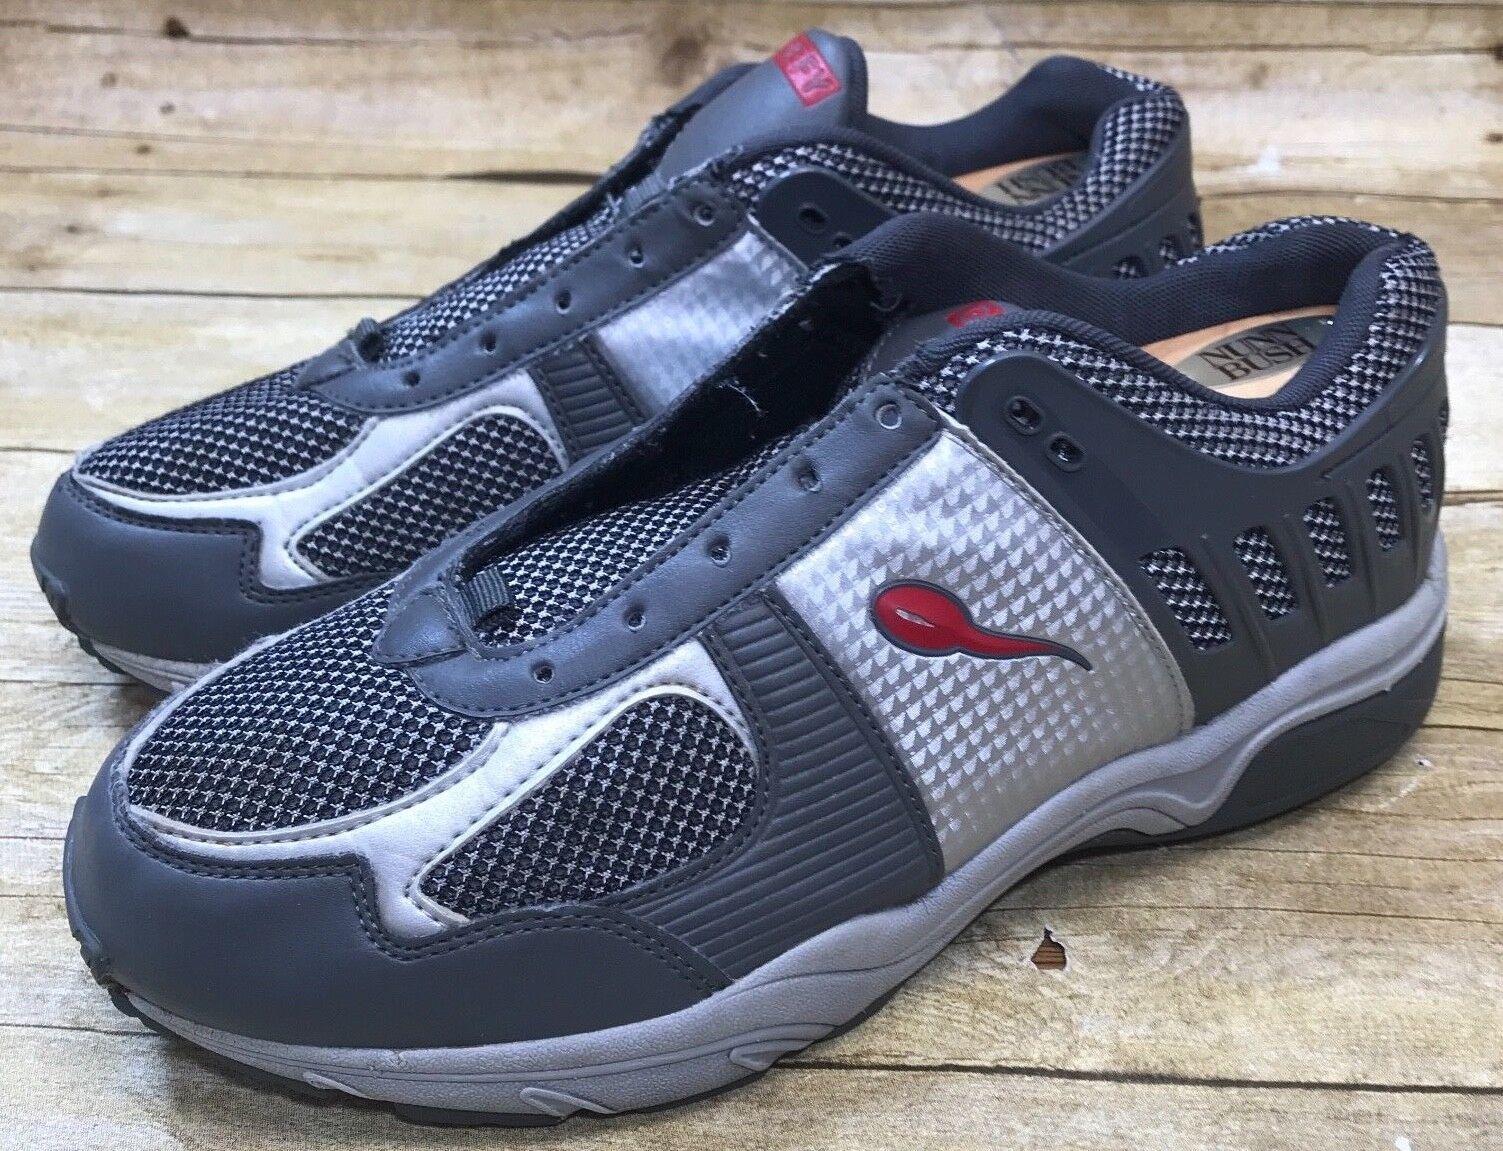 Gravedad desafían Sz 9 Atlético De Hombre Zapatos Para Caminar Ballistic gris Rojo esperma versoshock